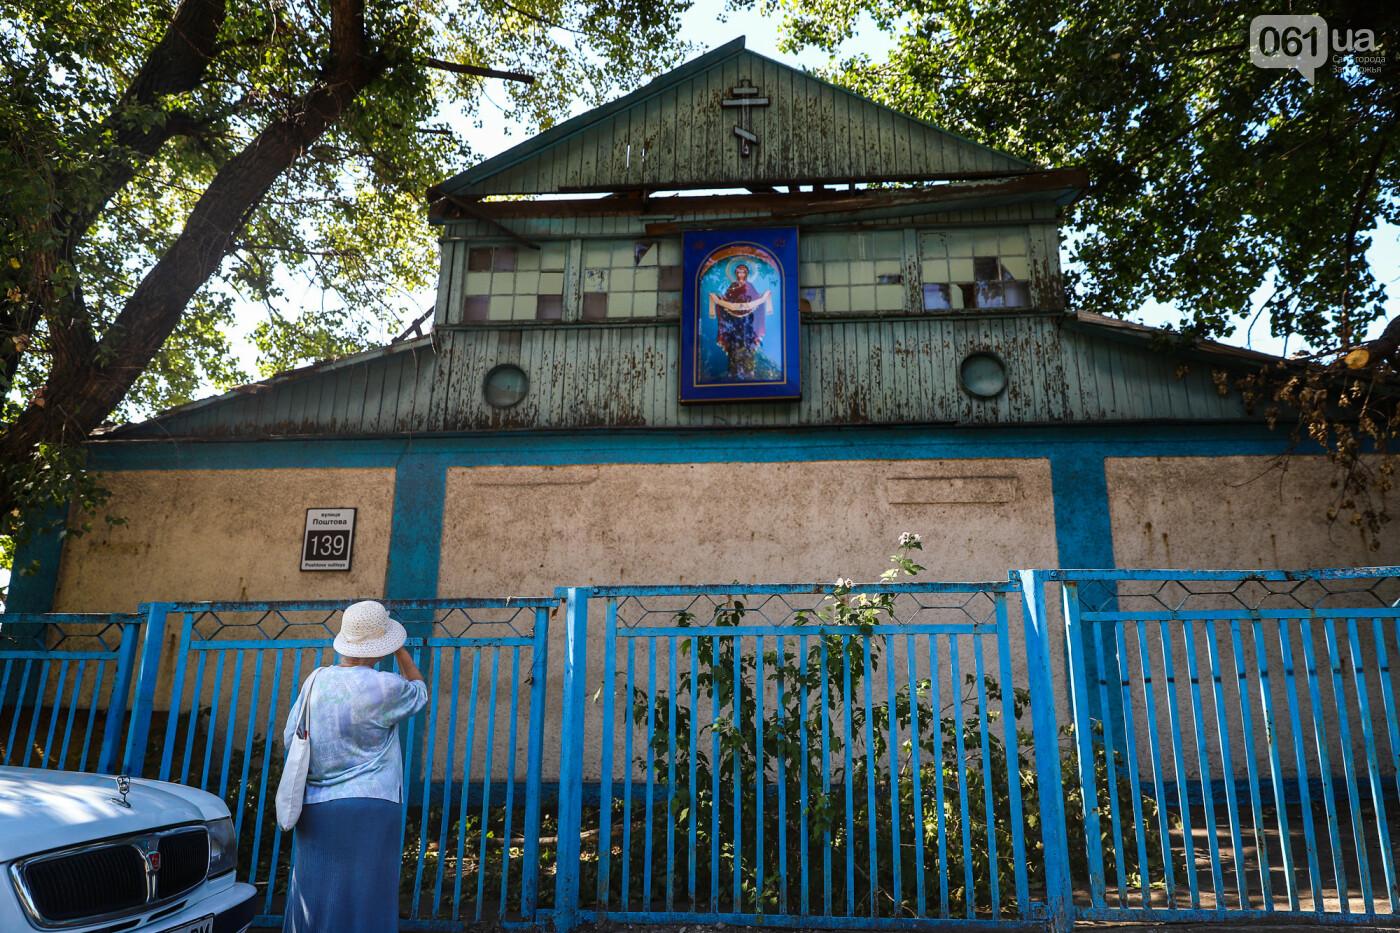 """""""Дело пономарей"""": в Запорожье начали разбирать храм, который пострадал в результате взрыва, - ФОТОРЕПОРТАЖ, фото-1"""